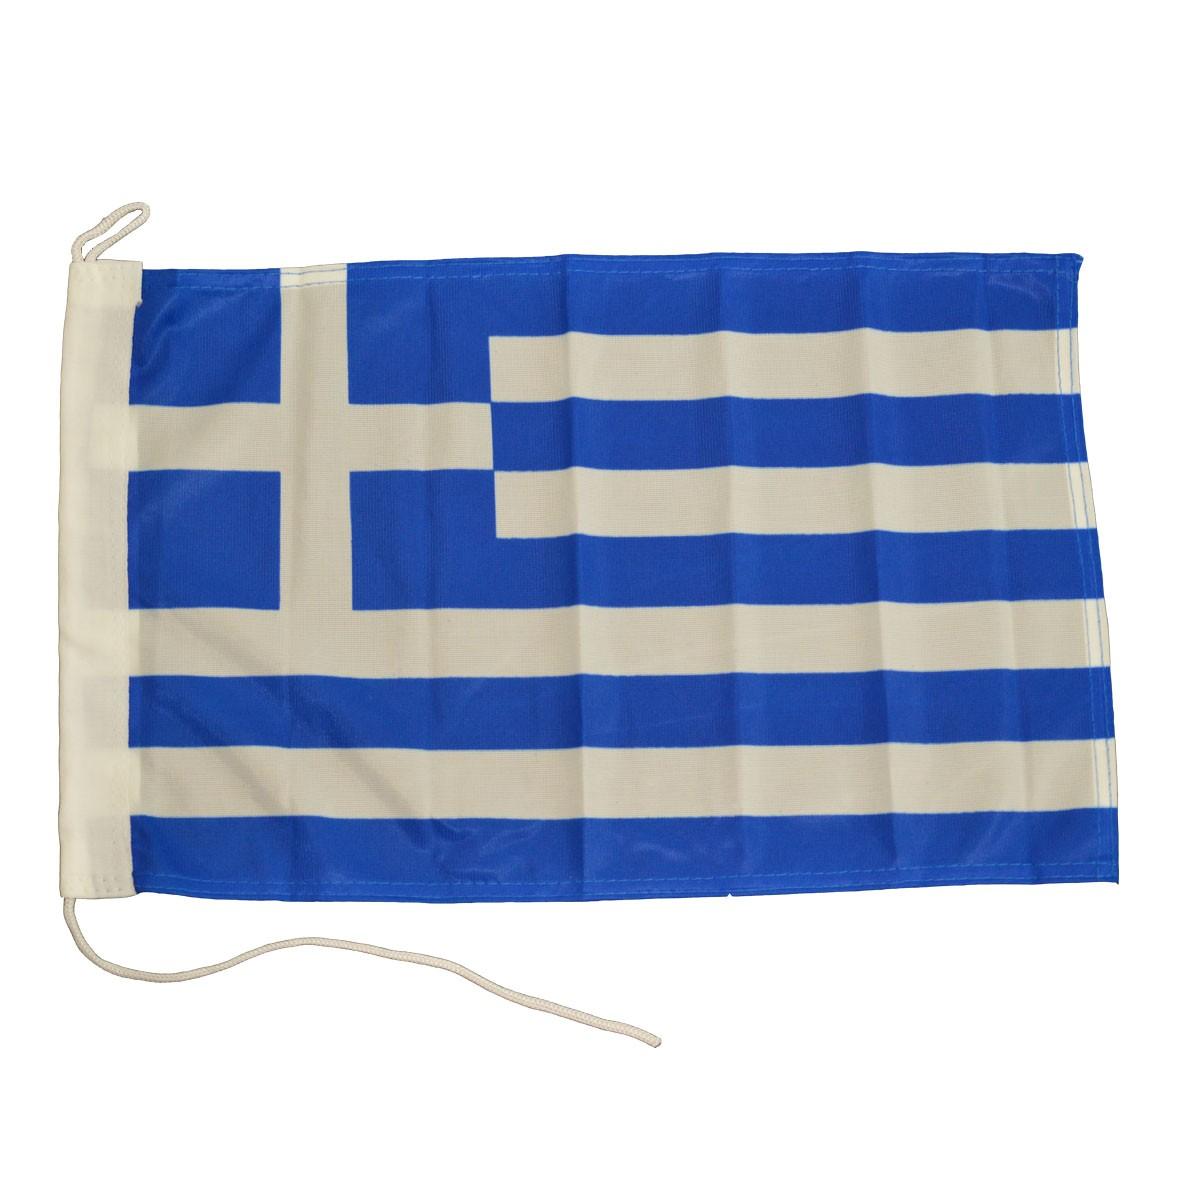 32.12 - Ελληνική Ορθογώνια Σημαία Μήκους 200cm